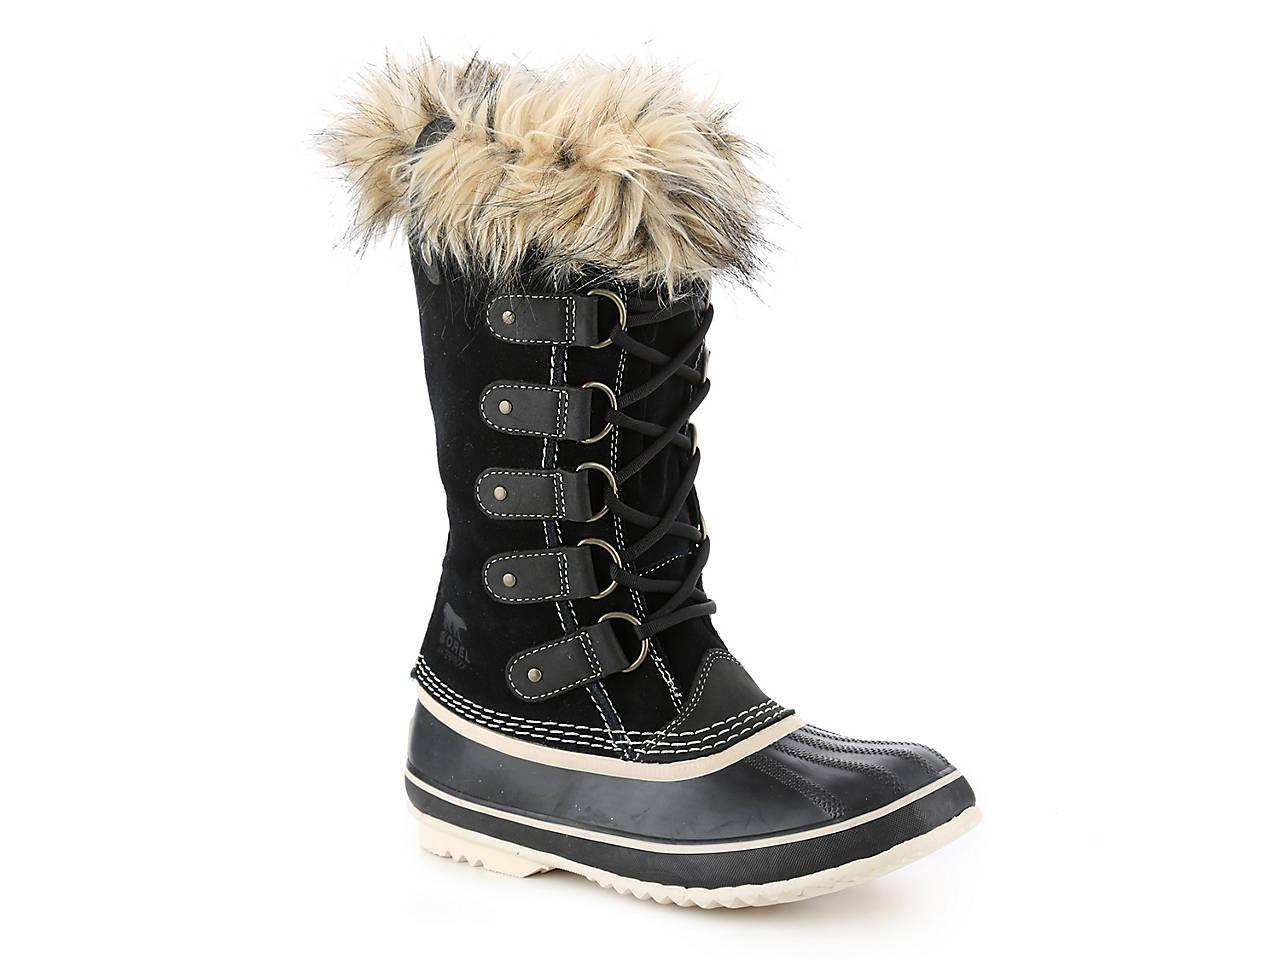 Sorel Joan of Arctic Snow Boot Women's Shoes | DSW